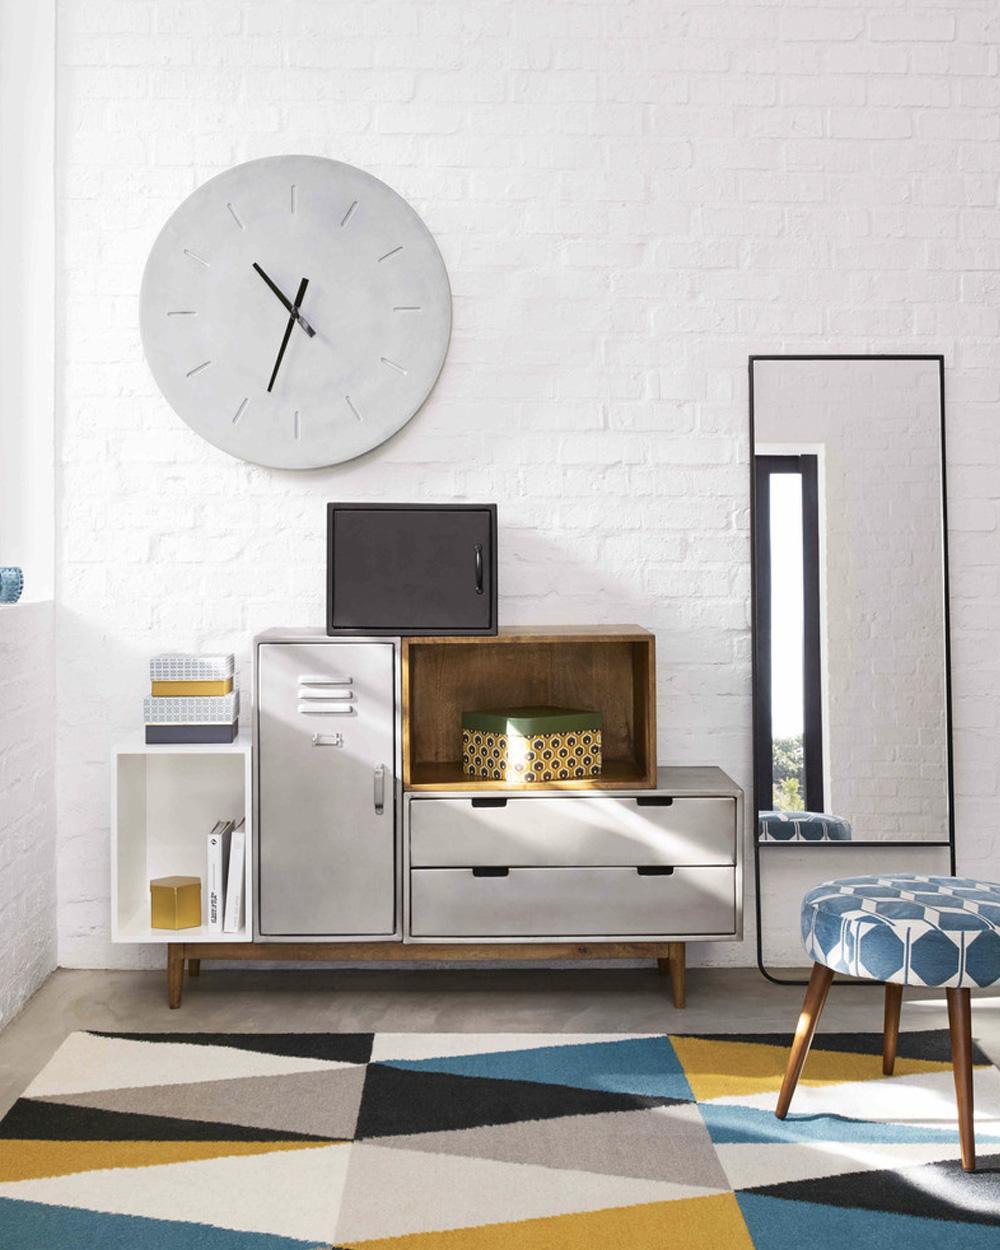 horloge effet béton